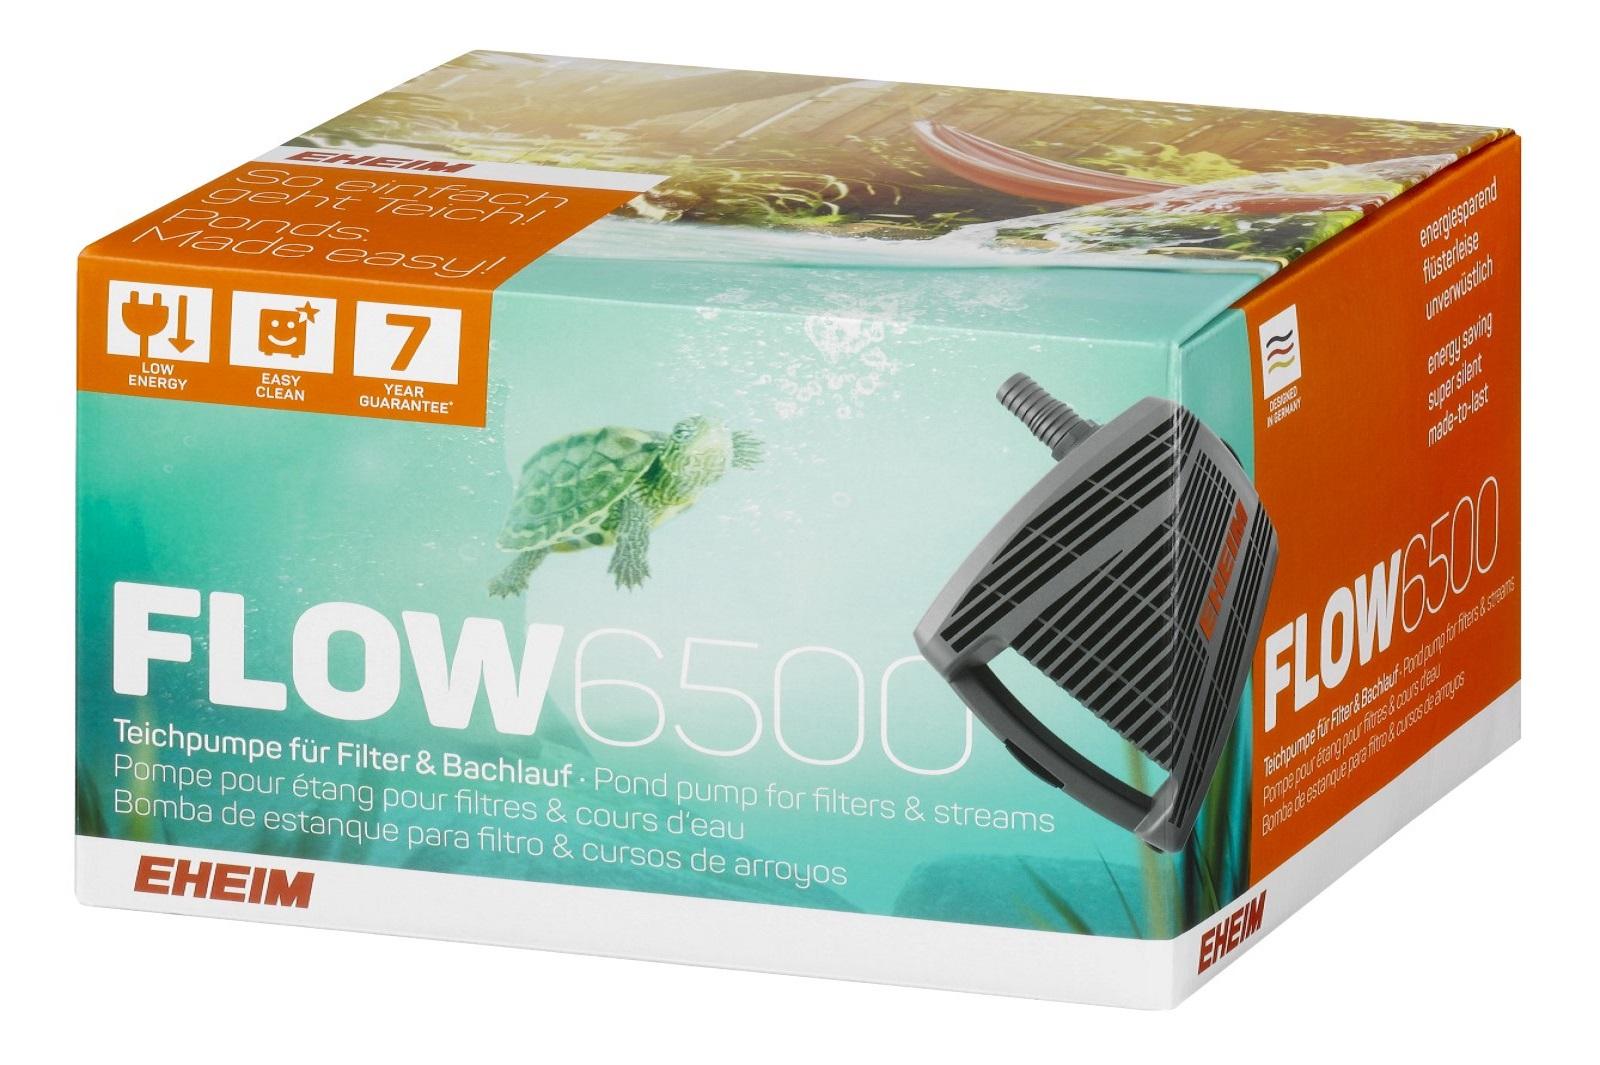 Eheim Flow6500 Teichpumpe für Filter & Bachlauf